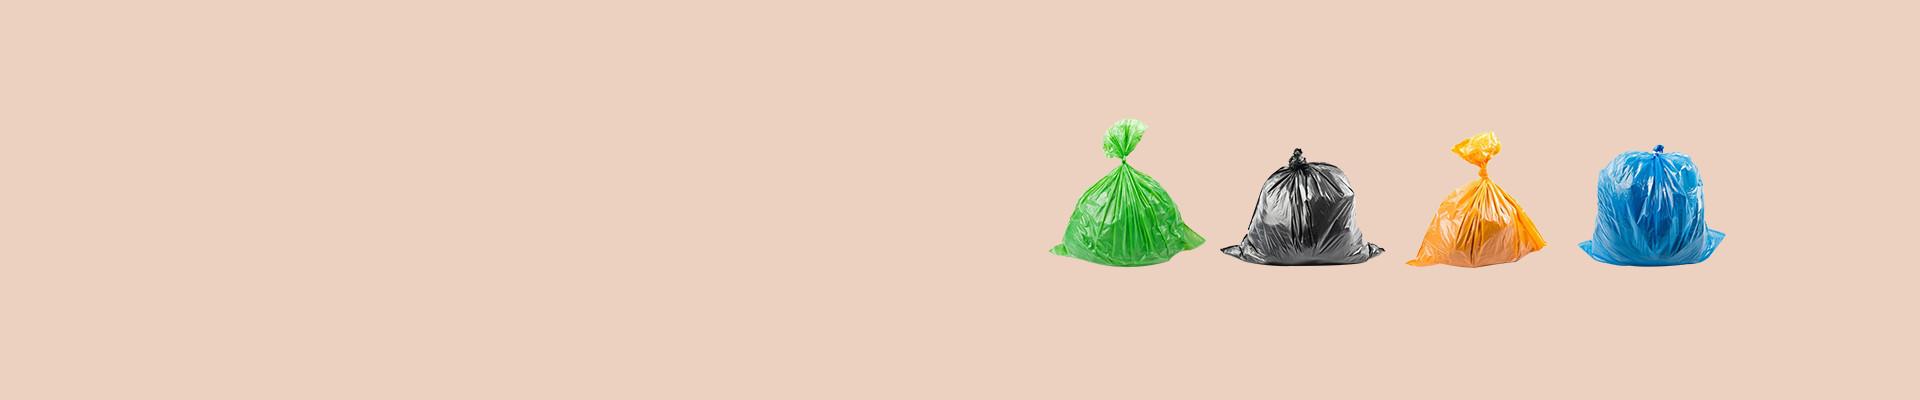 Jual Kantong Sampah Online - Pilihan Lengkap